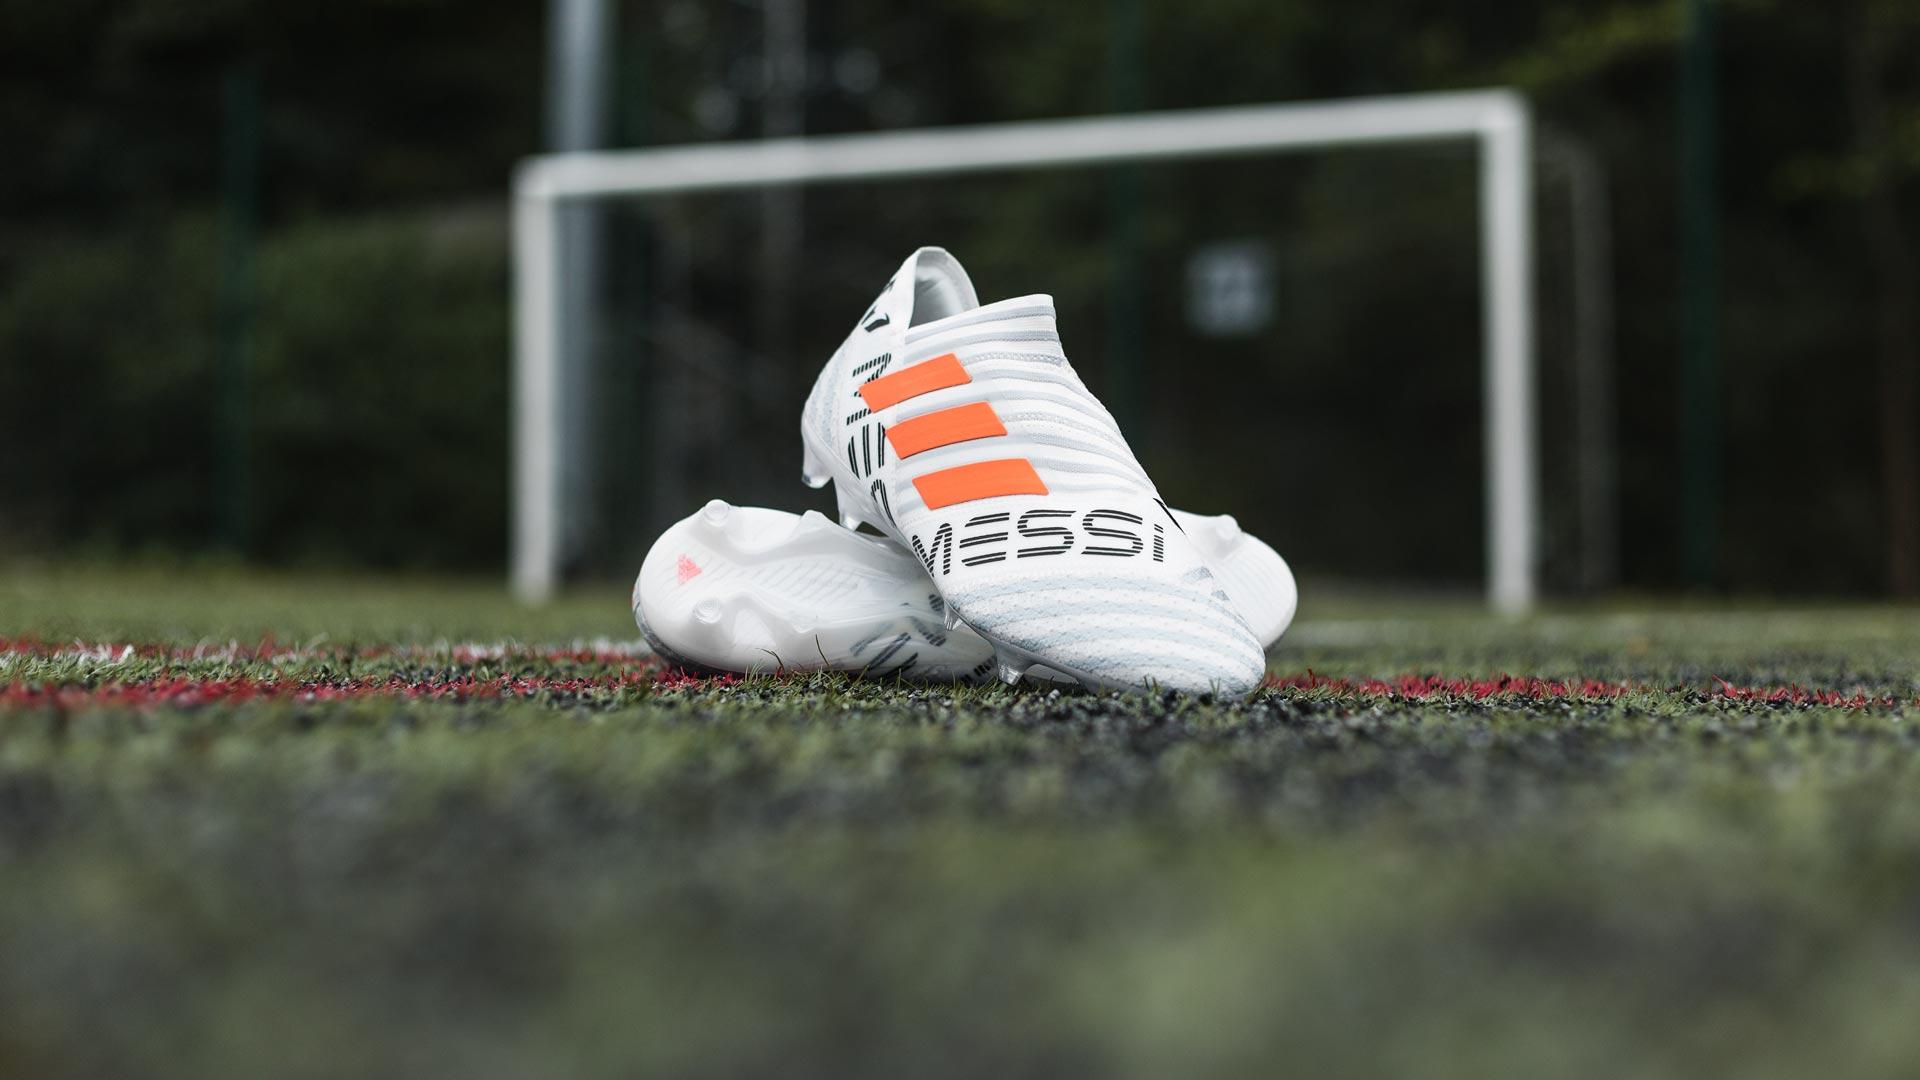 07c82ebcf8c adidas unveils new Nemeziz Messi